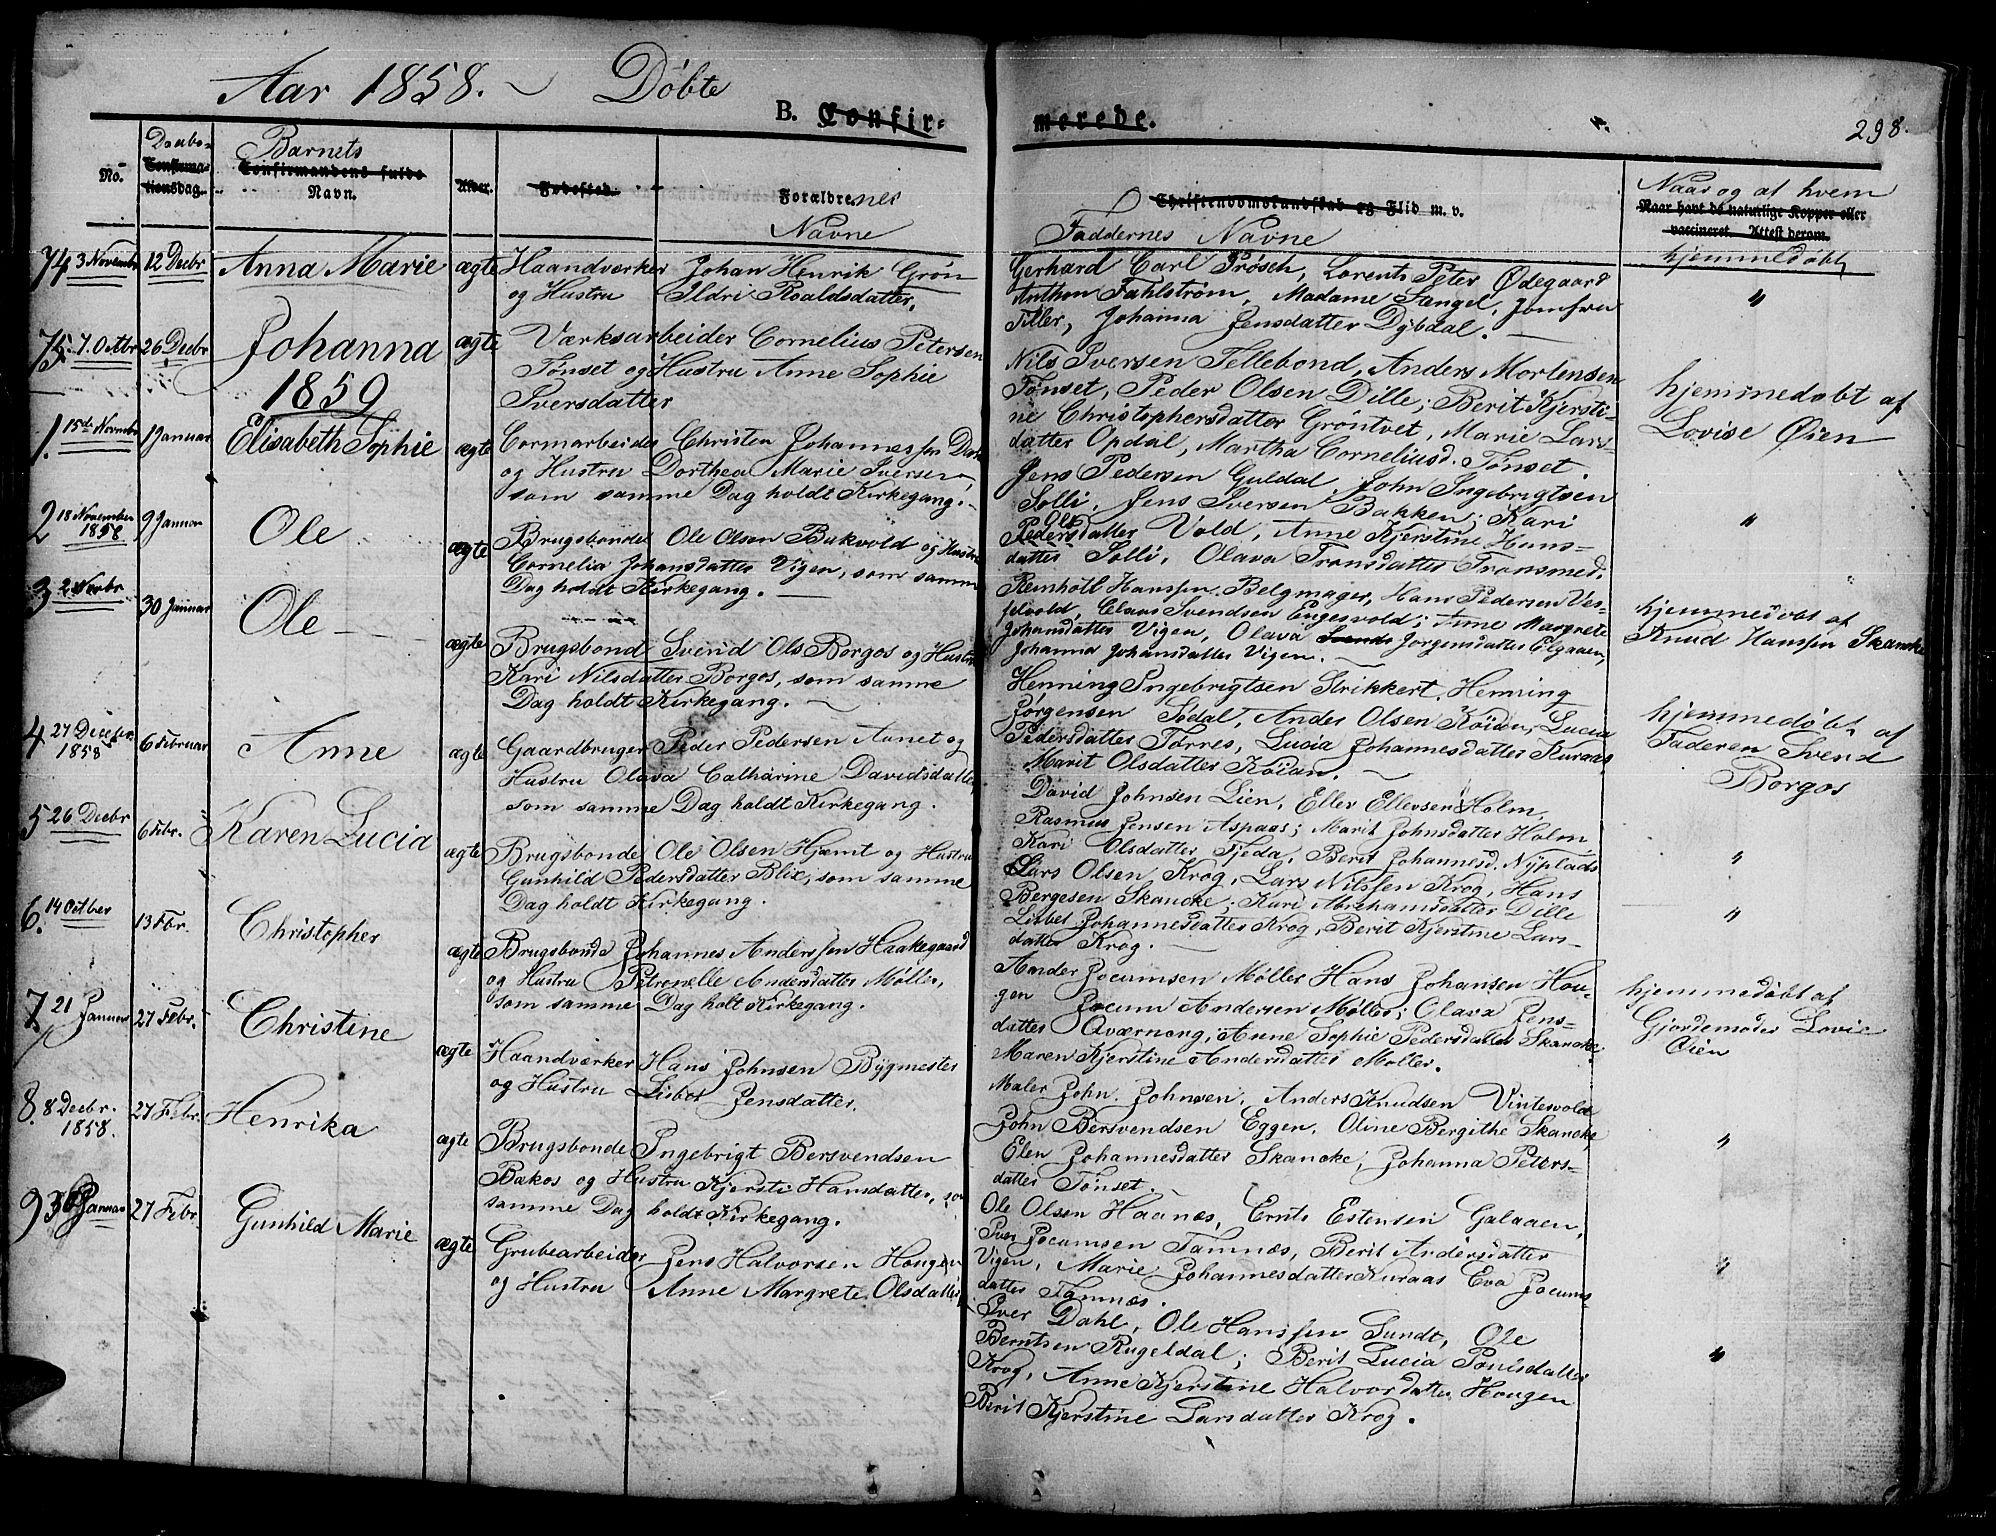 SAT, Ministerialprotokoller, klokkerbøker og fødselsregistre - Sør-Trøndelag, 681/L0938: Klokkerbok nr. 681C02, 1829-1879, s. 298